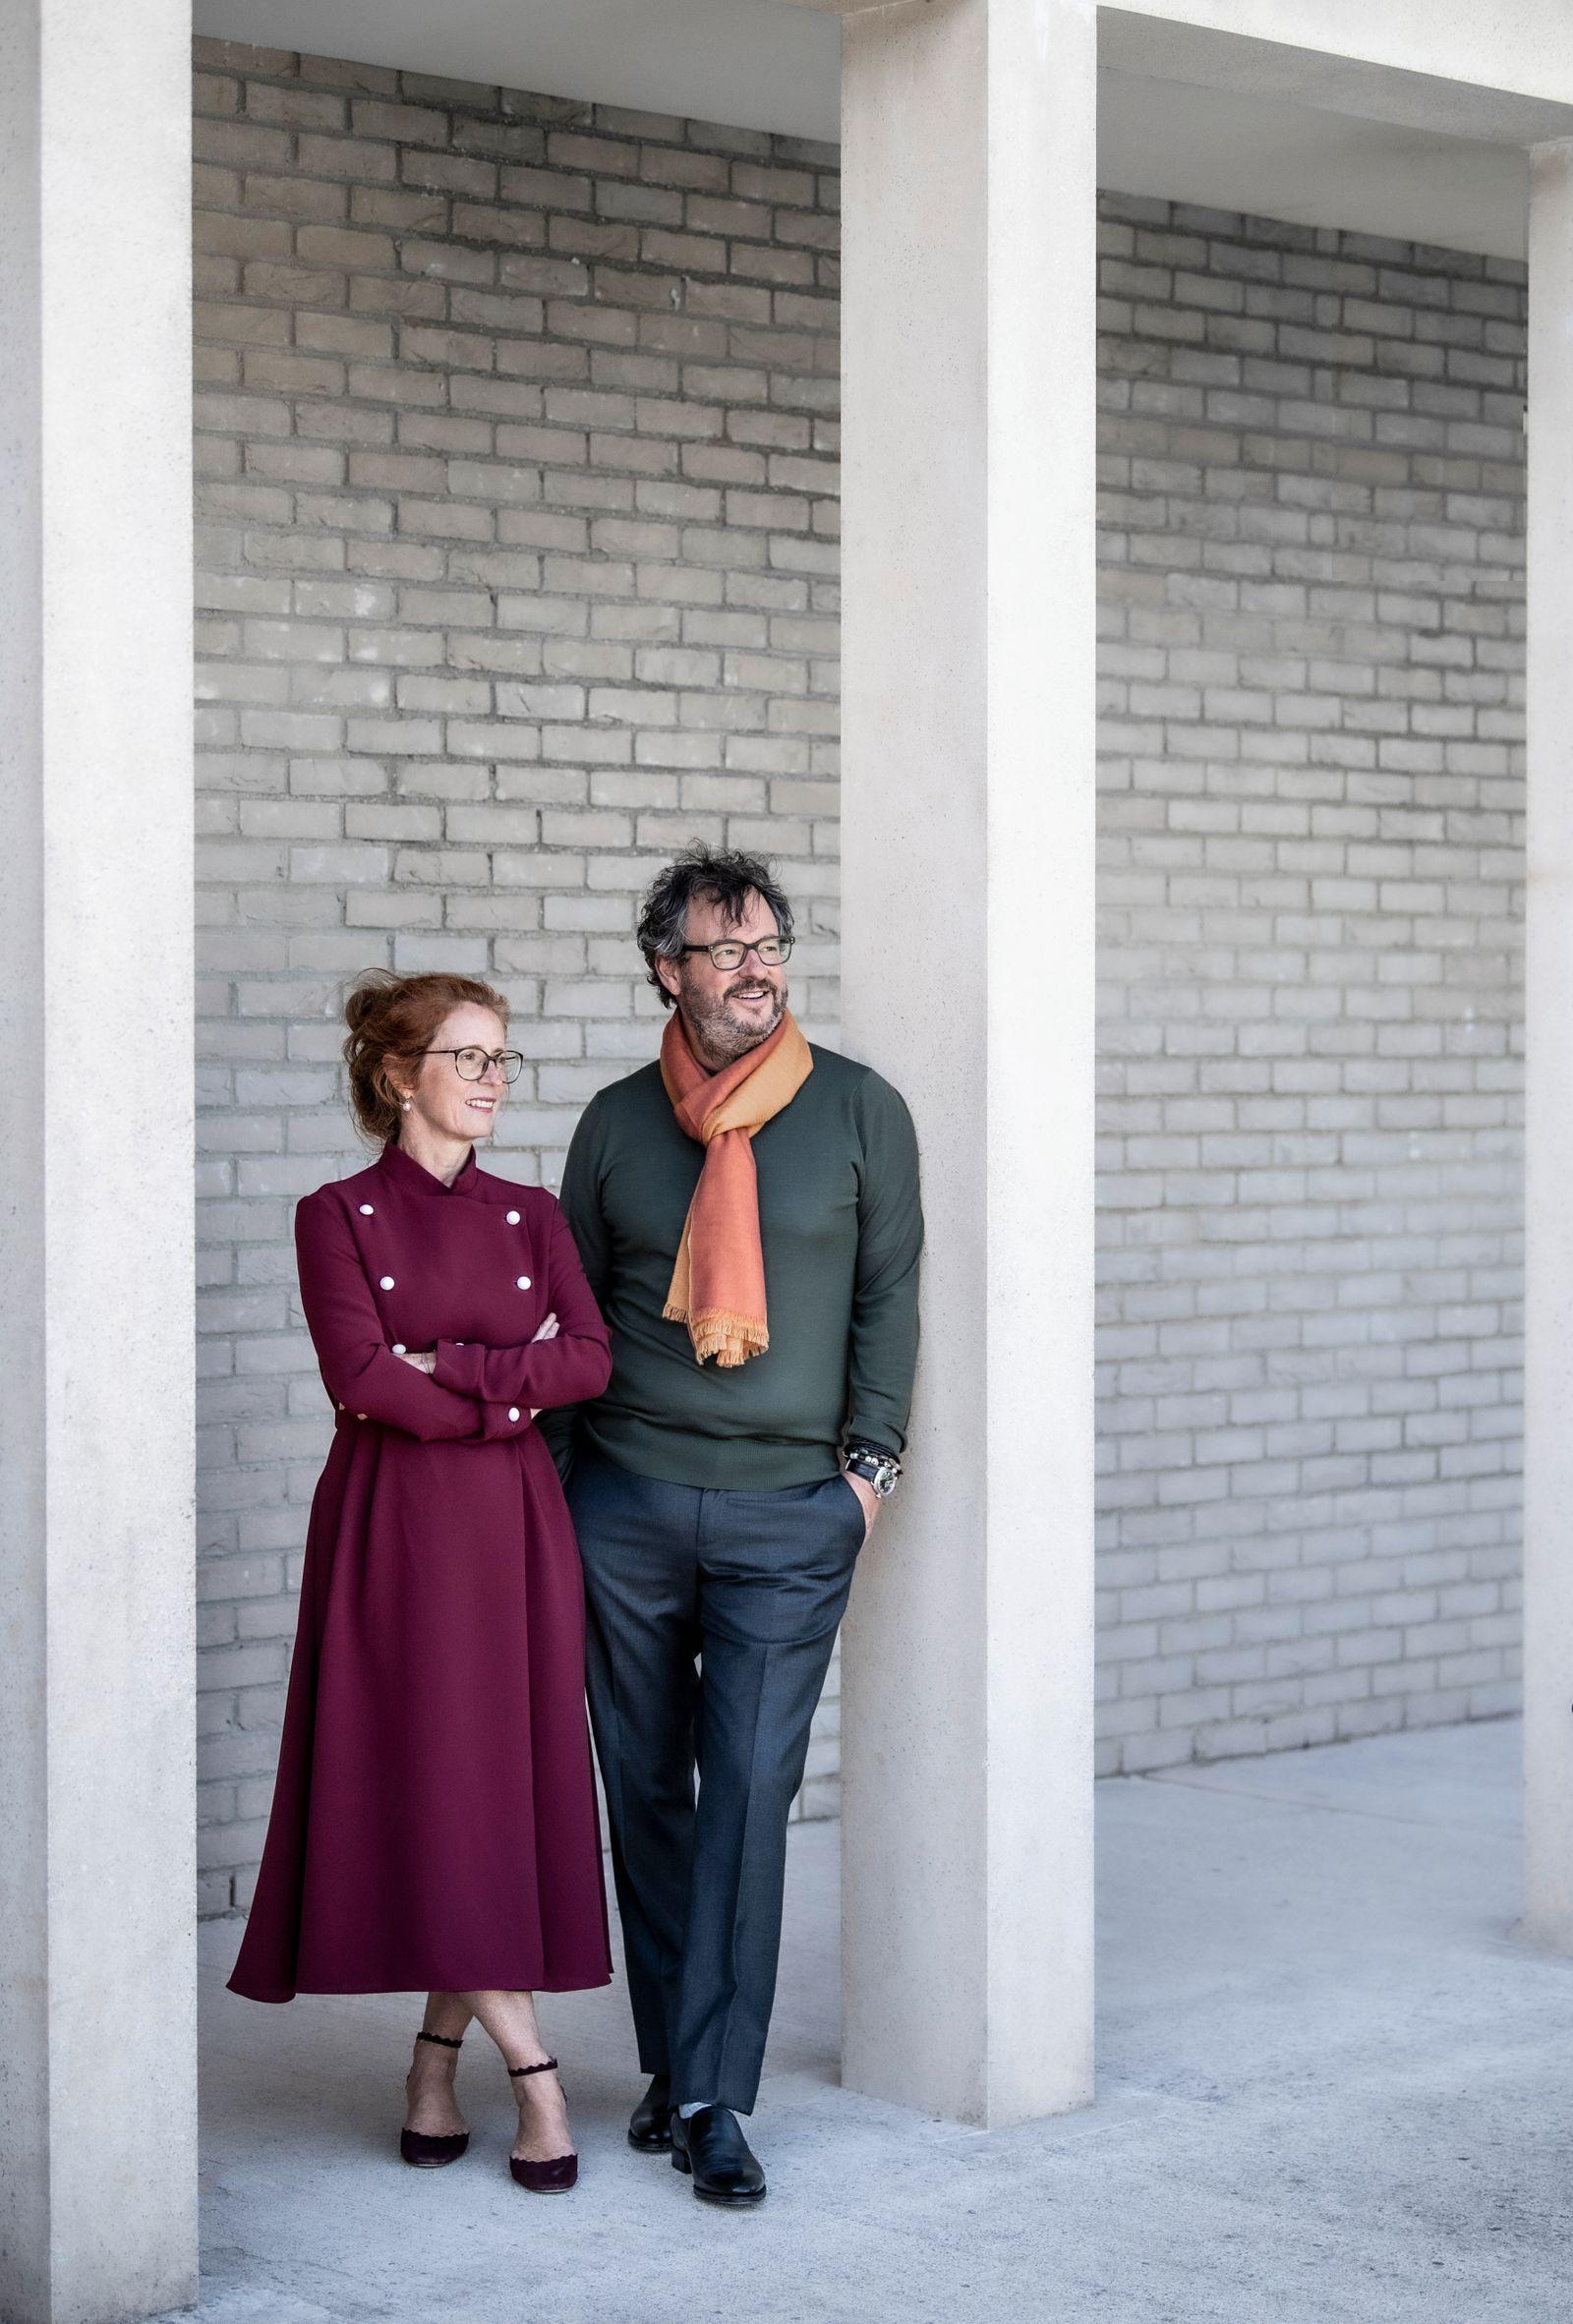 Iwan Wirth and Manuela Wirth